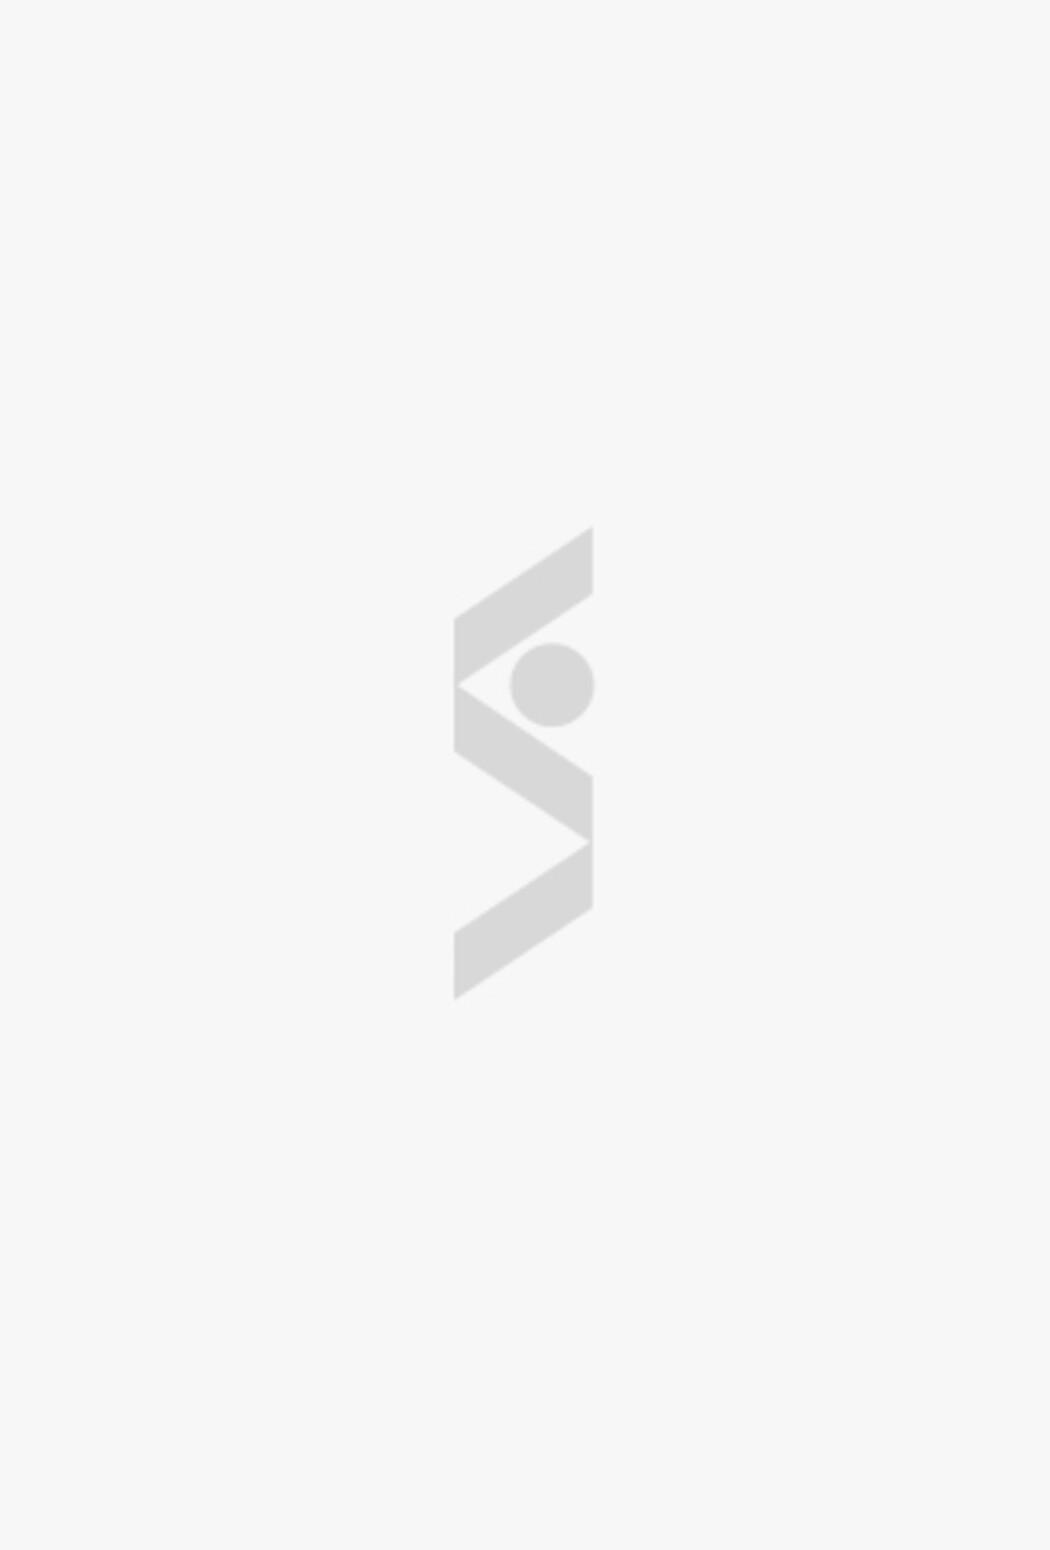 Толстовка на молнии s.Oliver - цена 4990 ₽ купить в интернет-магазине СТОКМАНН в Москве